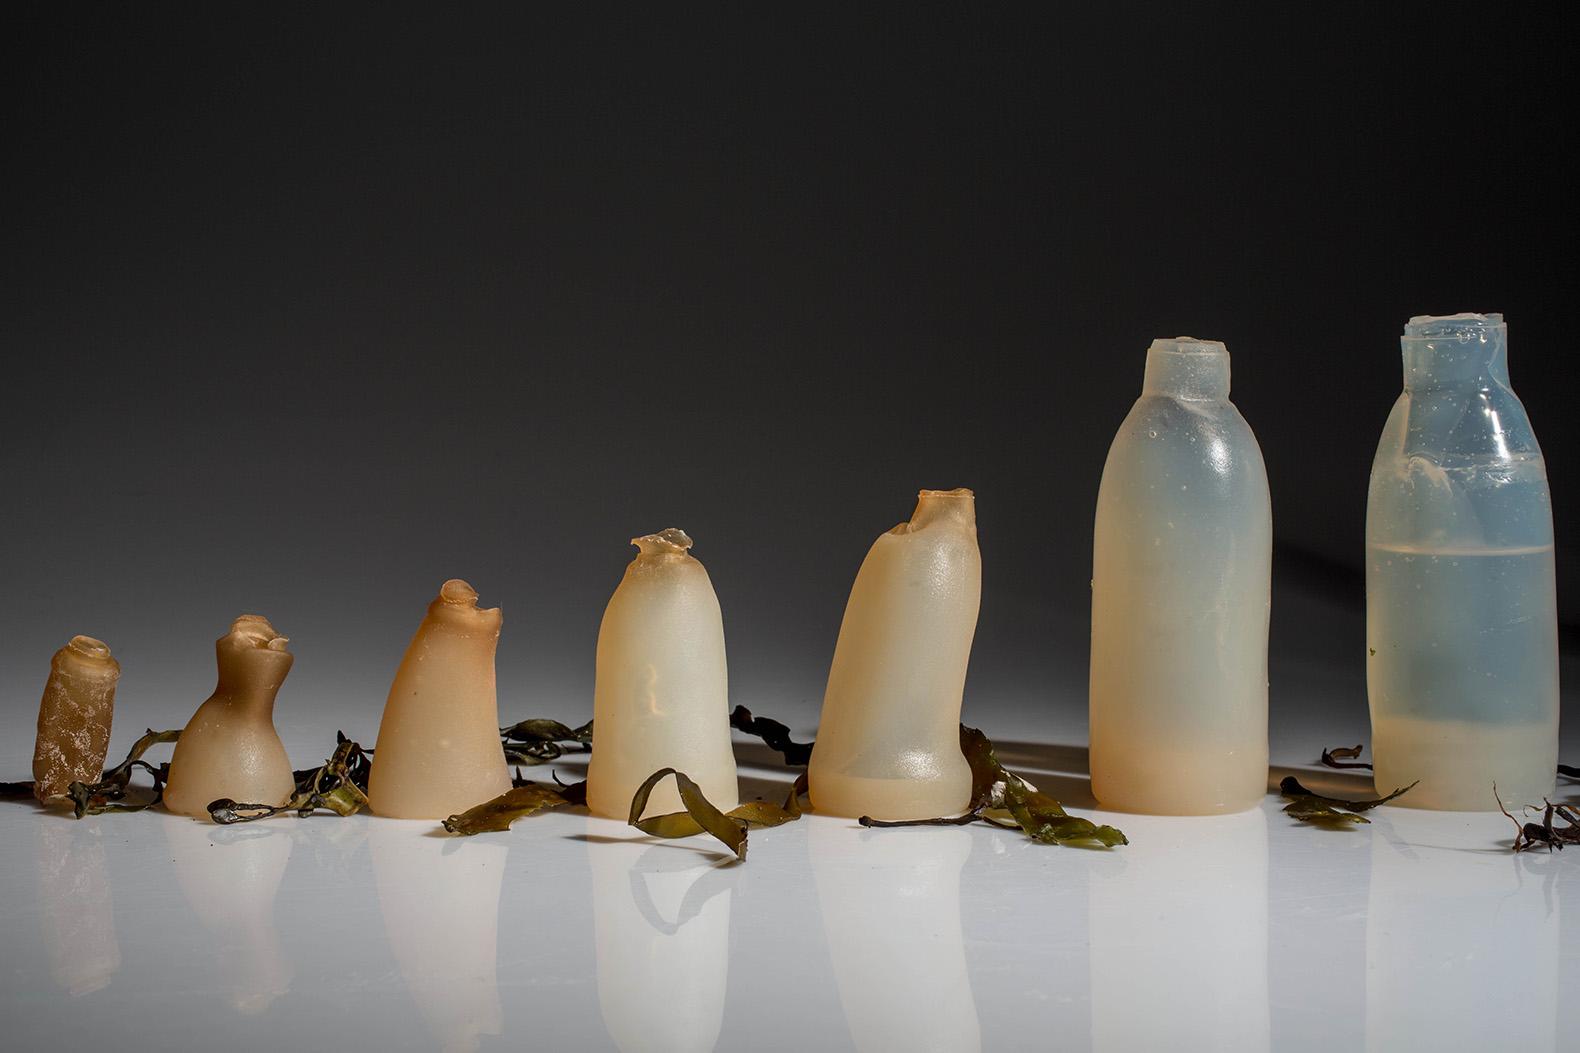 Algae-Water-Bottle-Ari-Jónsson